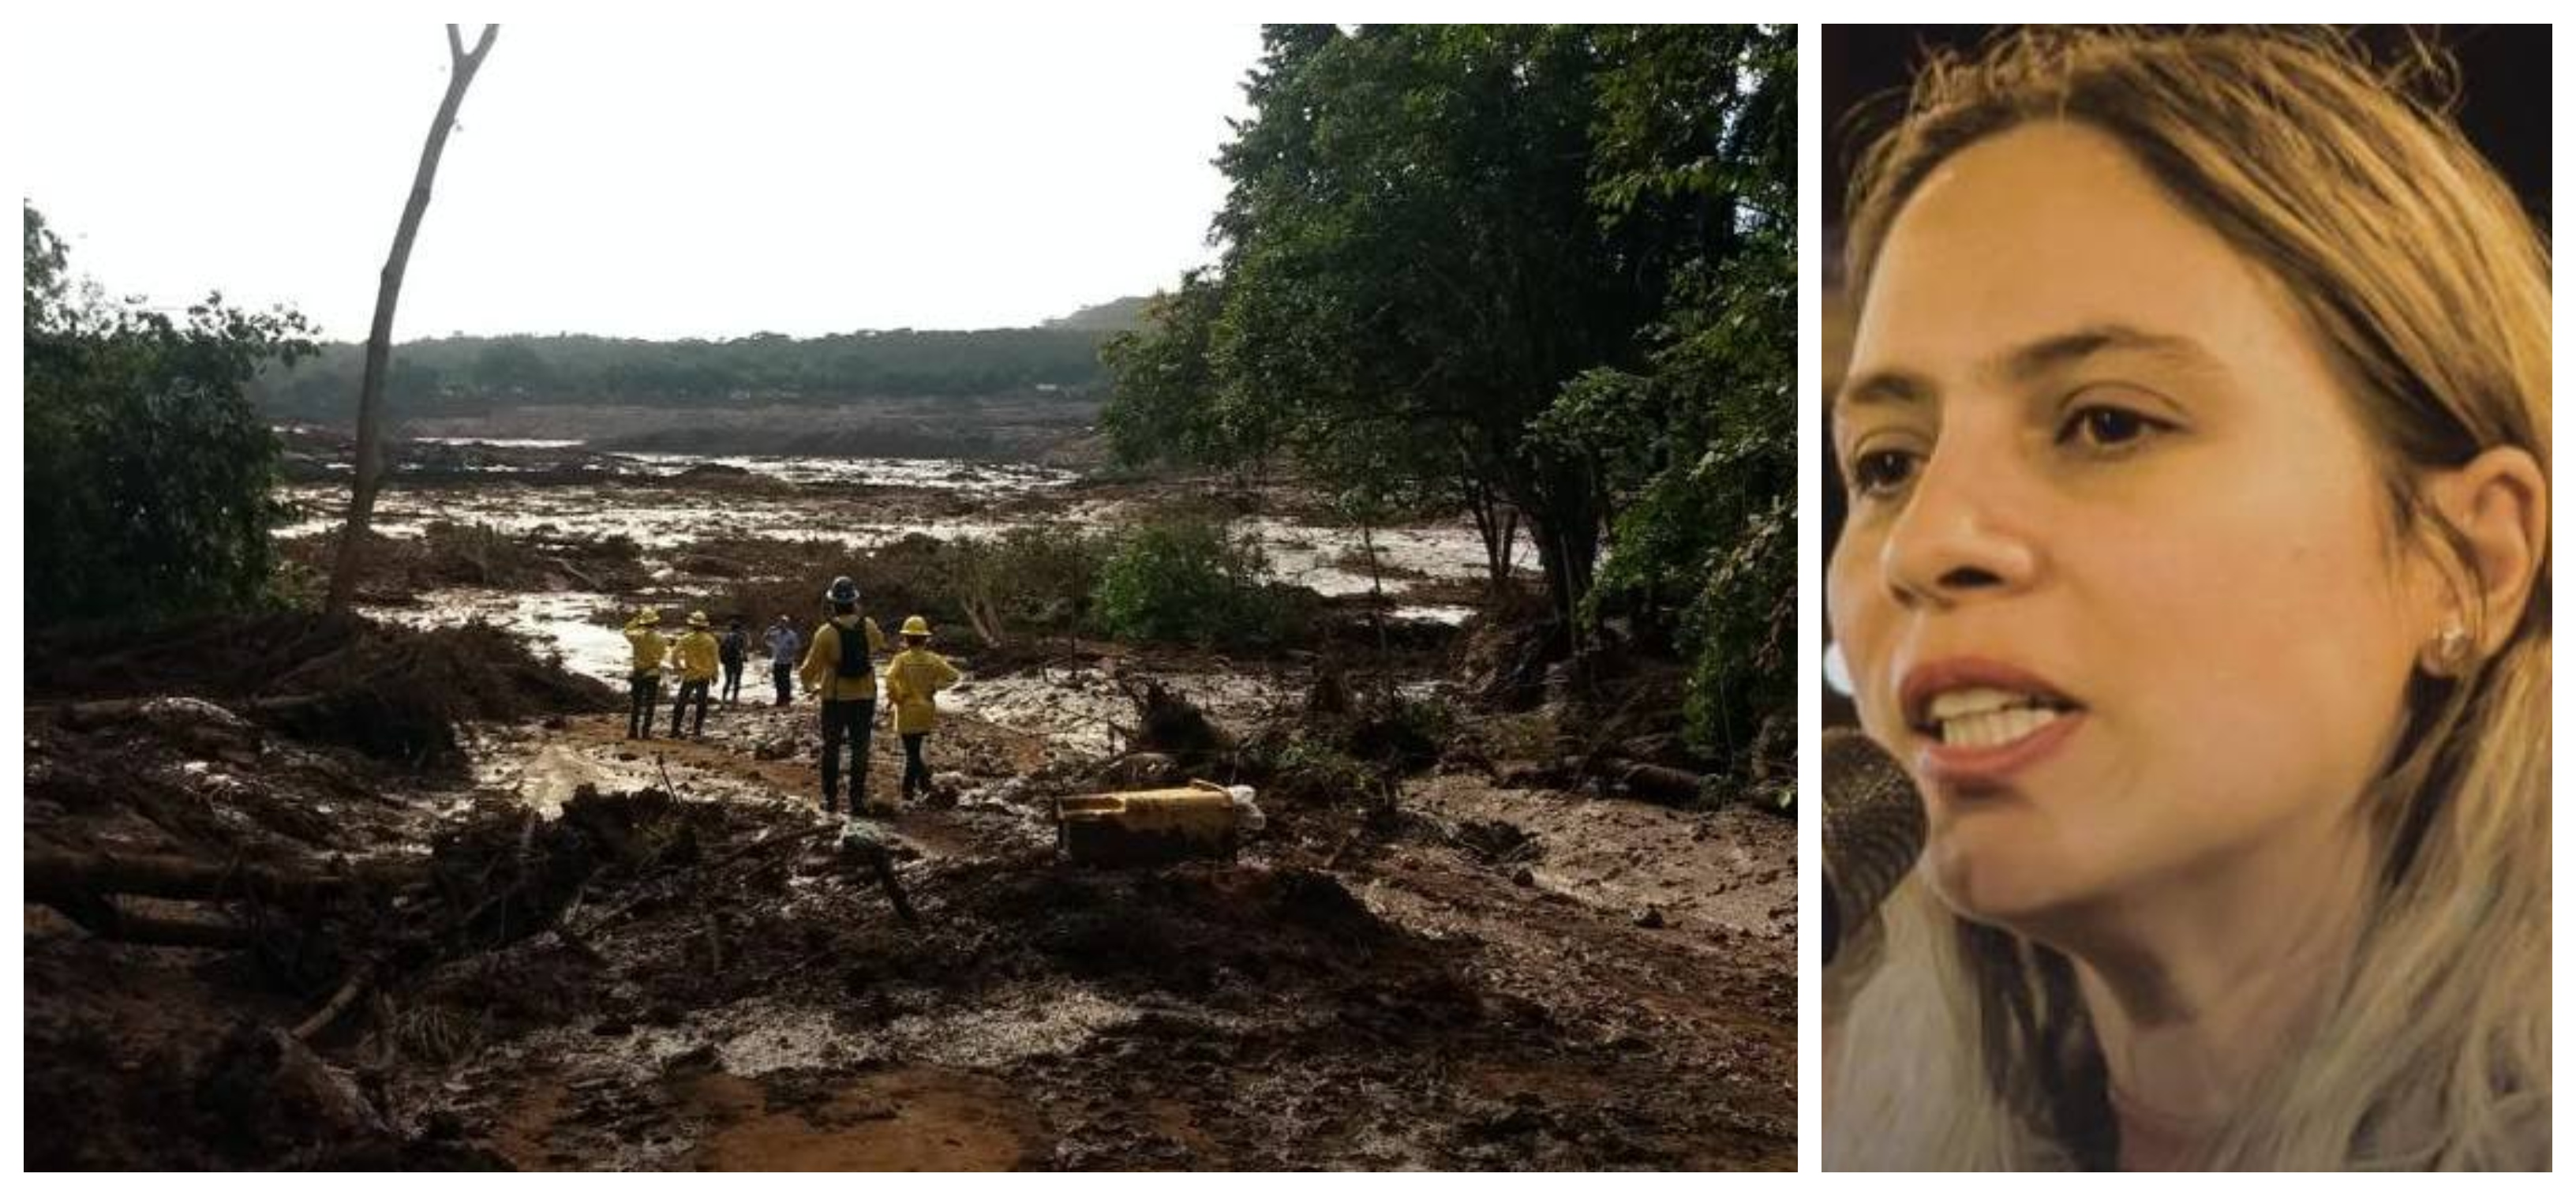 Beatriz Cerqueira: Como a Vale coloca refeitório, administração e enfermaria à beira da barragem e nenhum órgão fiscalizador impede? Brumadinho não foi acidente, é crime!